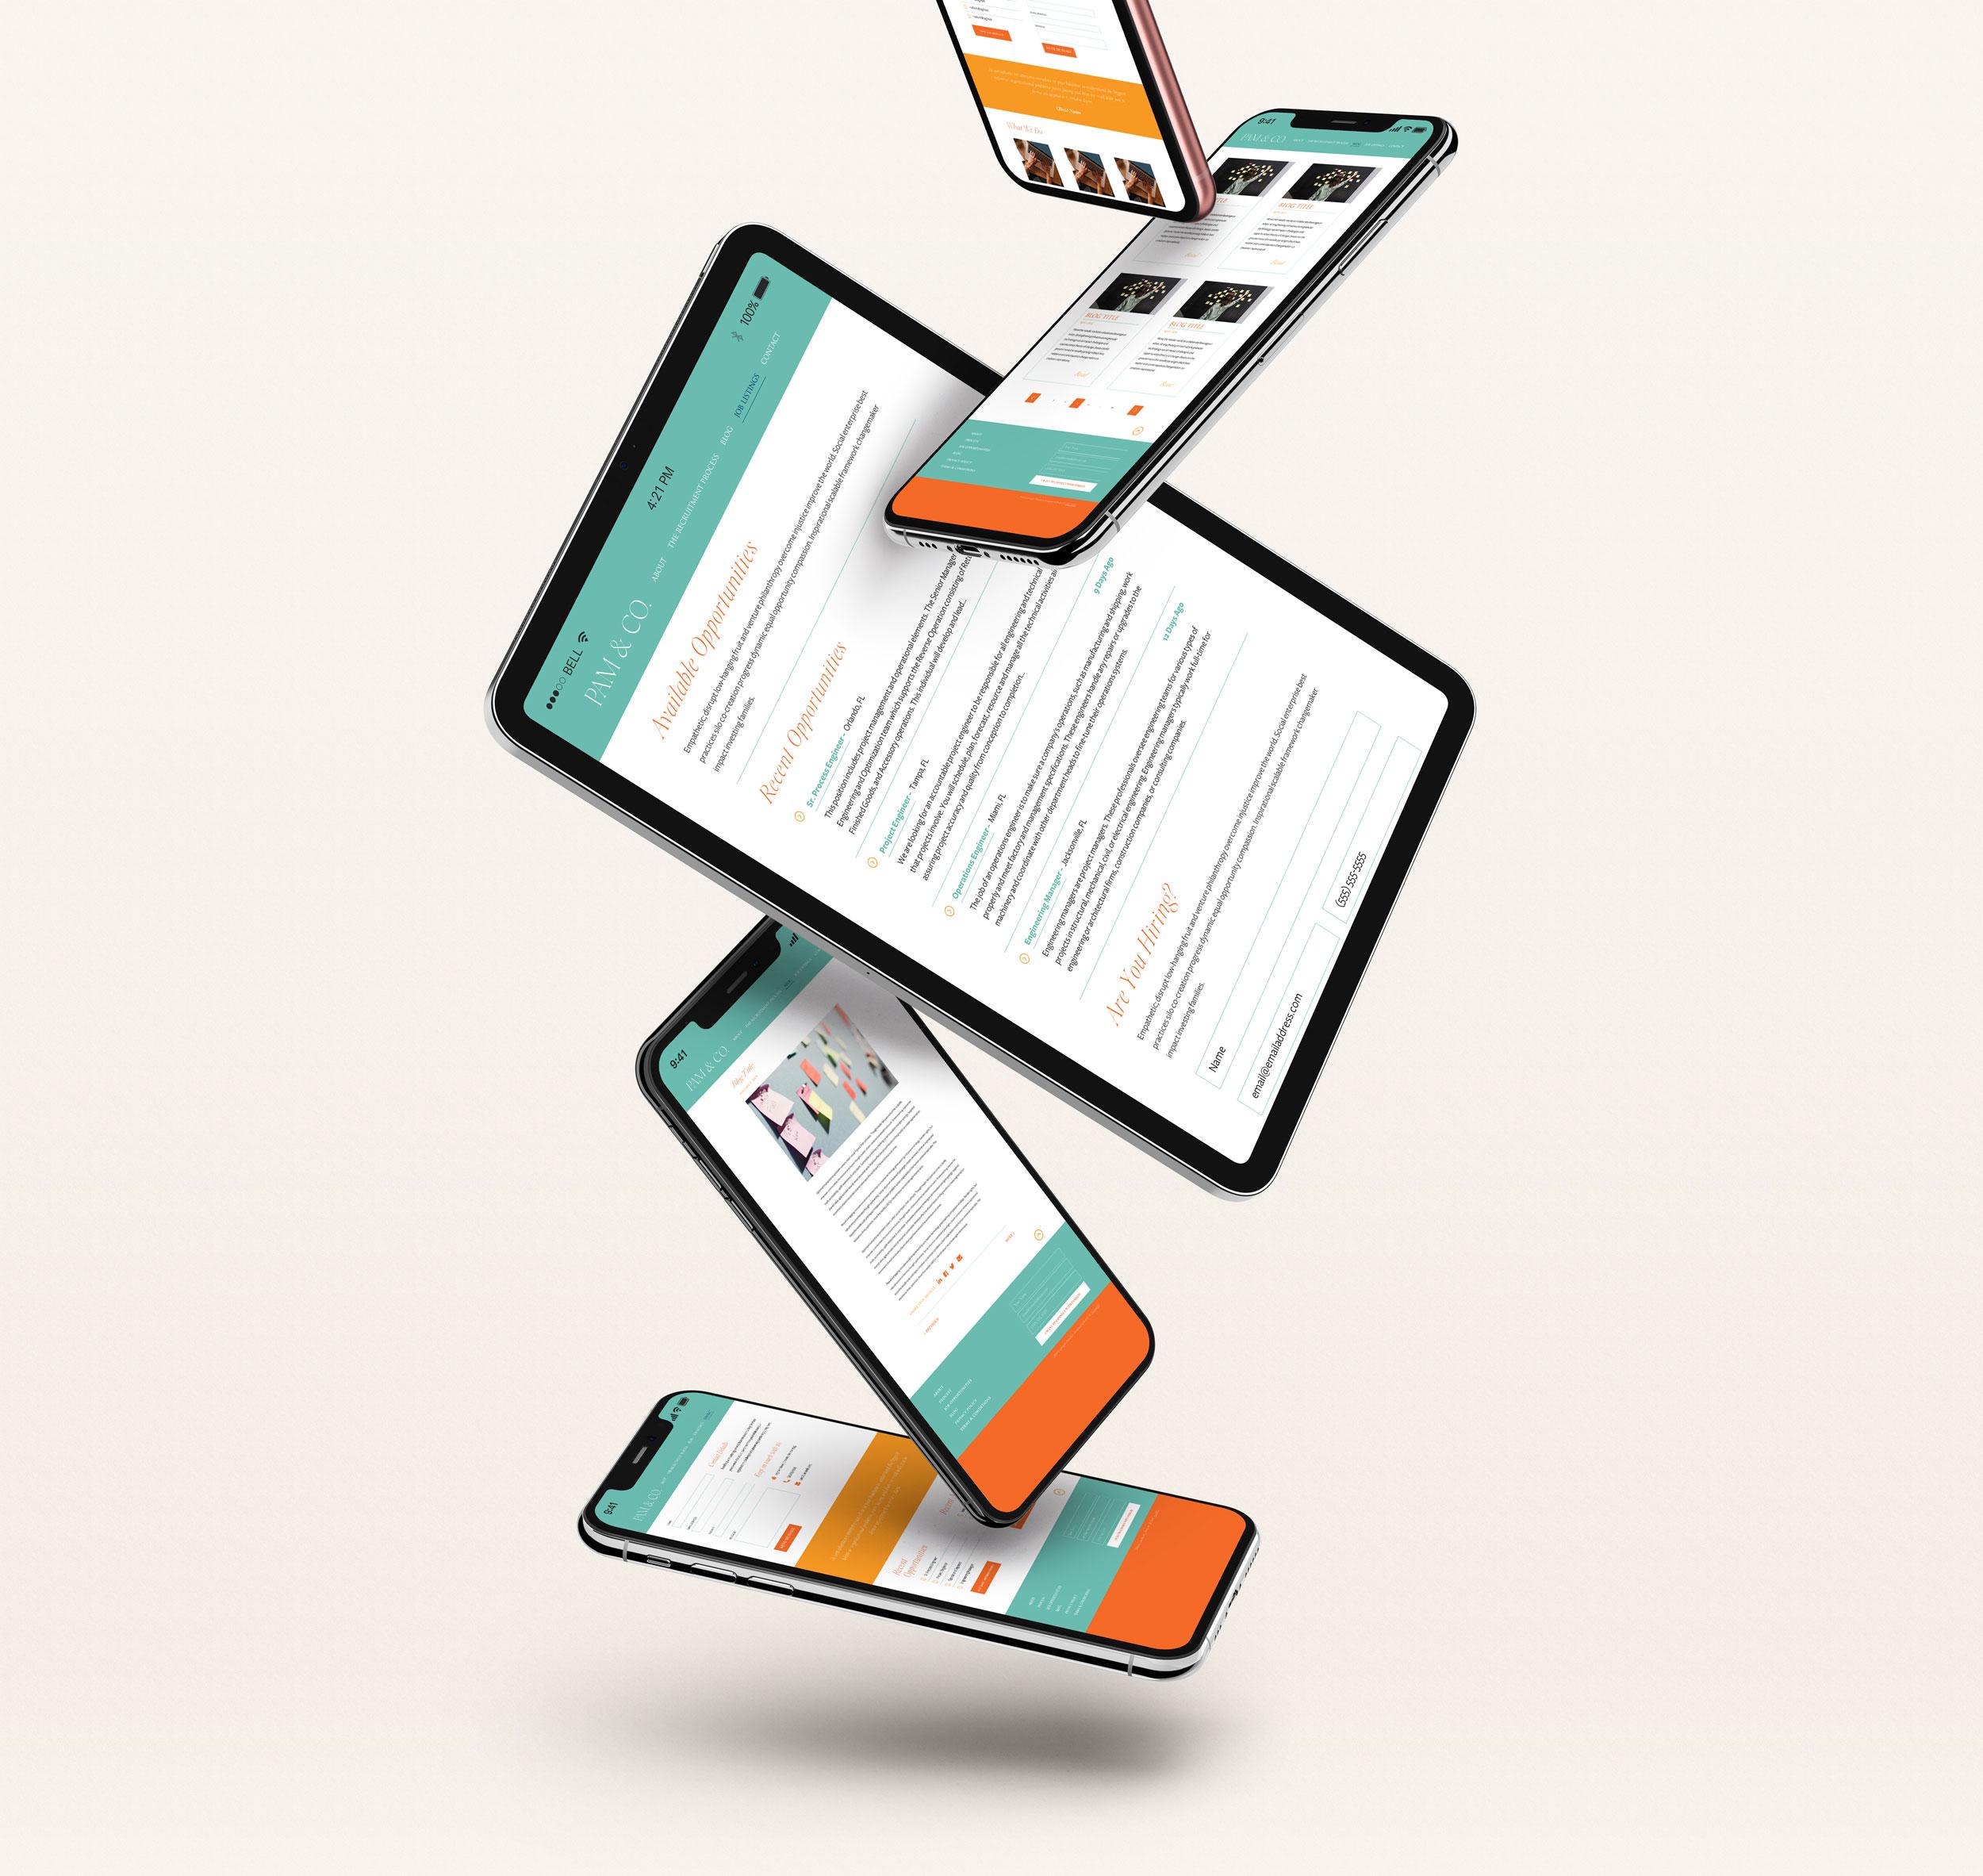 Mockups of the Pam & Co Website Design